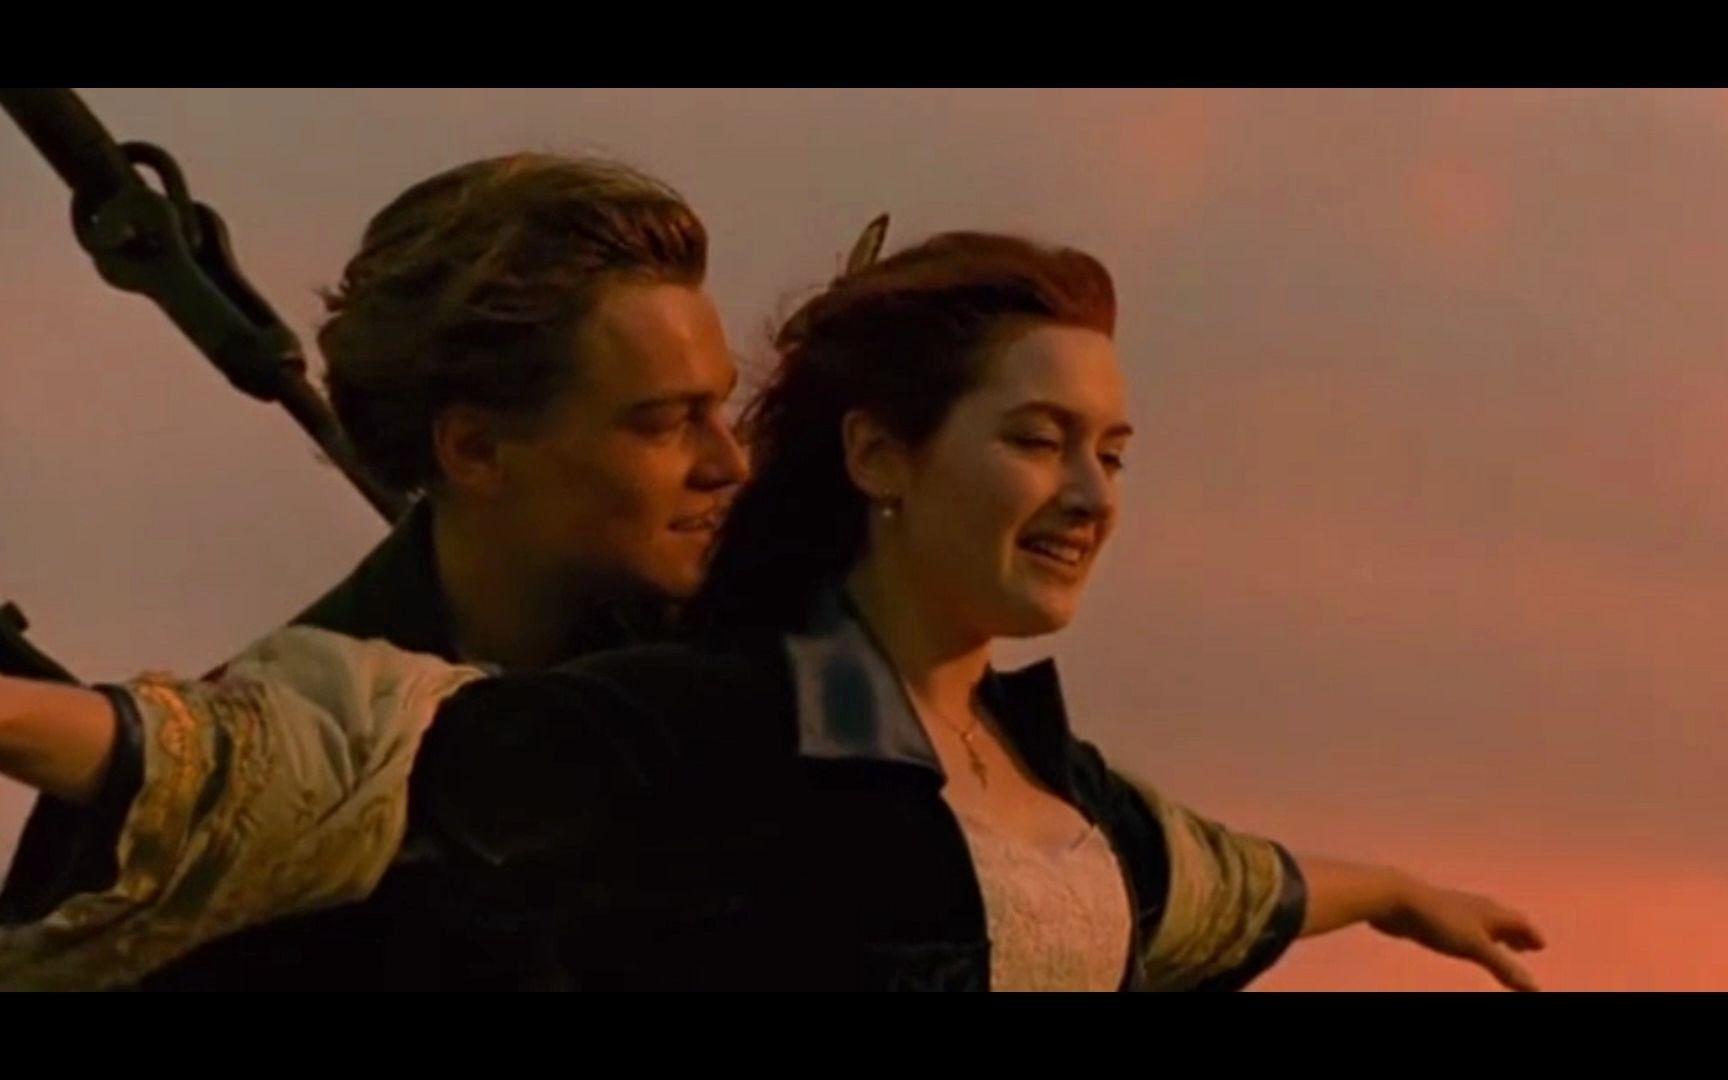 电影泰坦尼克号的几个细节与小故事 24周年纪念 永远的卡梅隆 永远的凯特 永远的Leo!